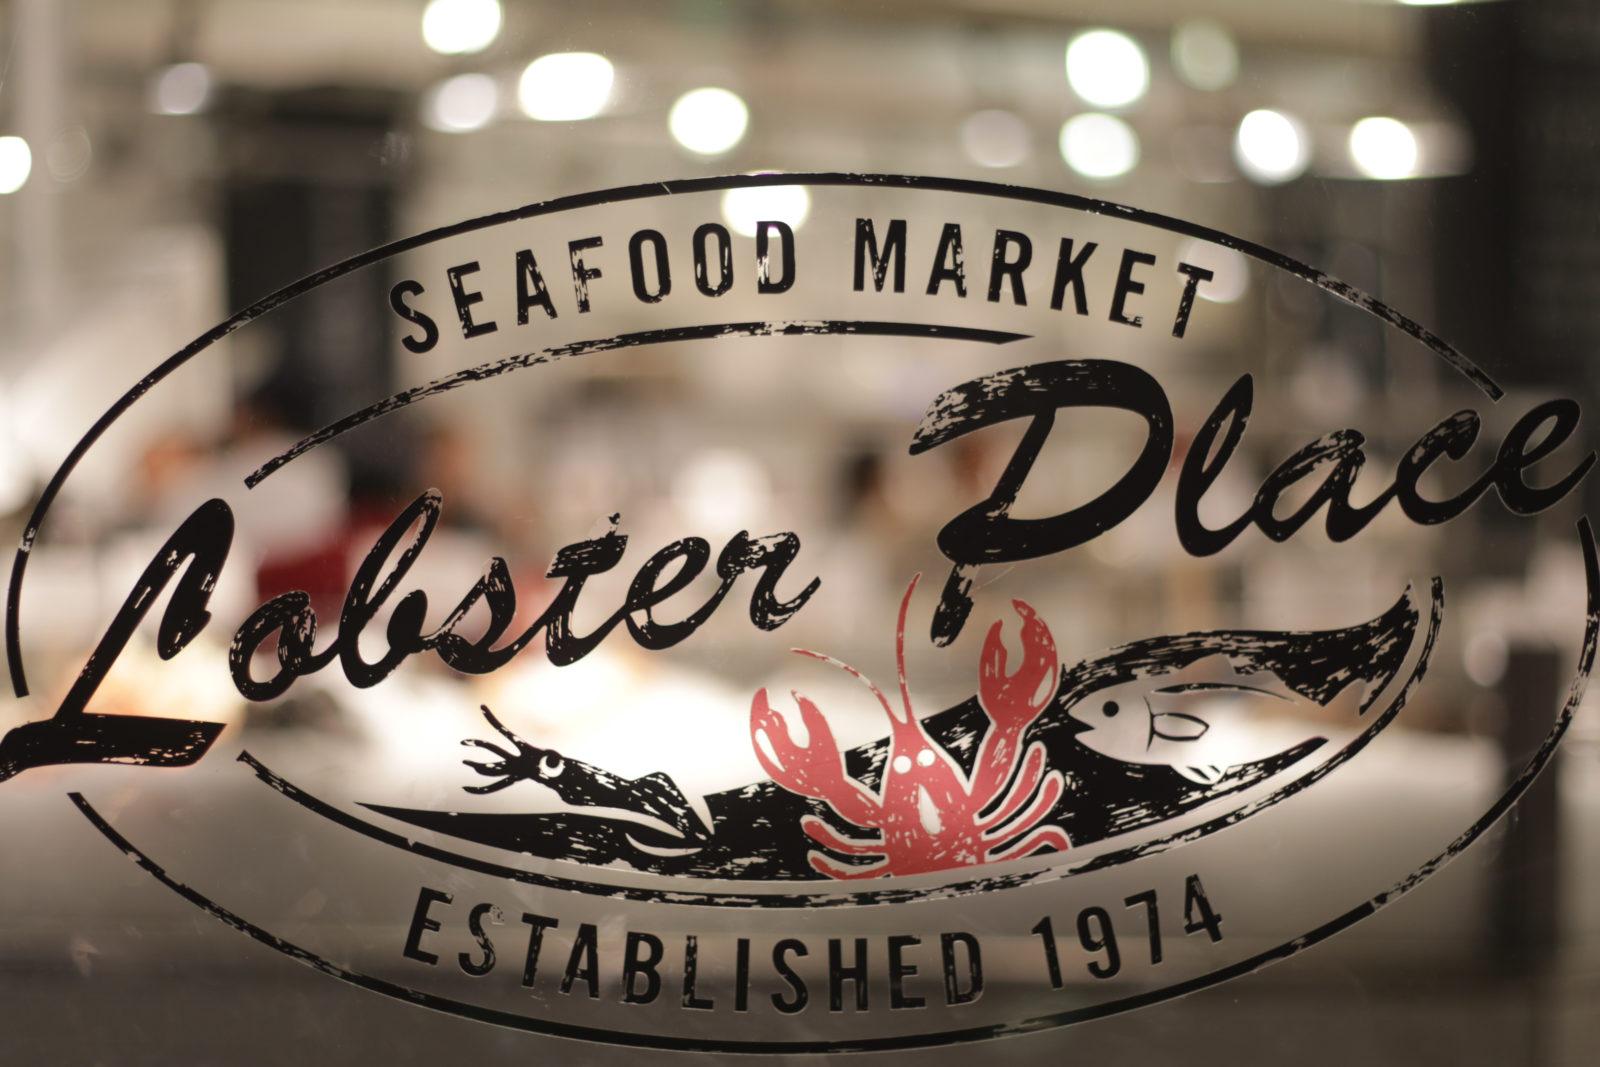 Lobster 1